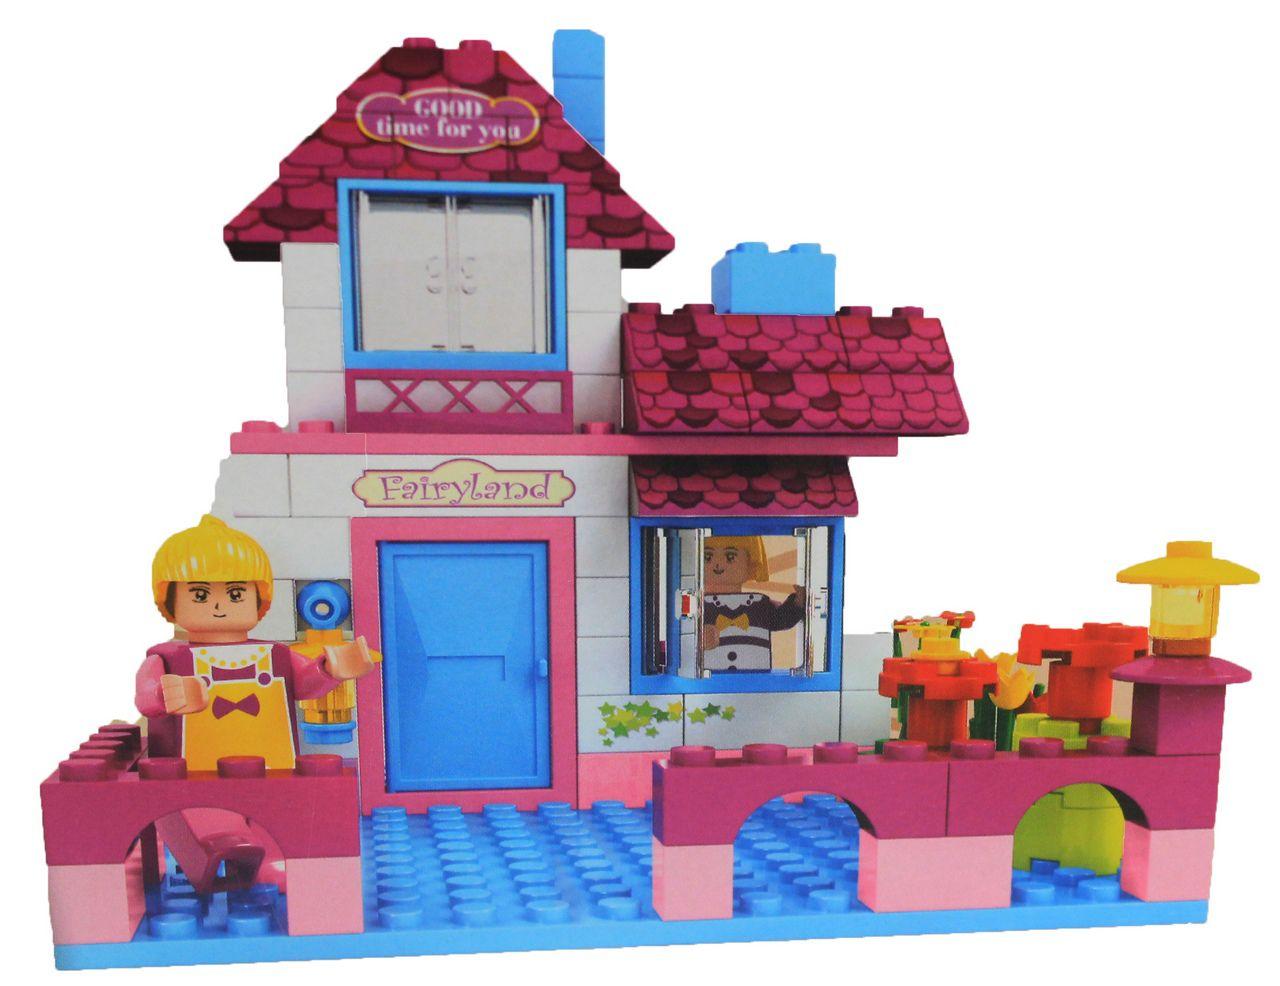 Bloco De Montar Infantil 164 Peças Castelo Da Fantasia Princesa Menina Rosa Certificado Inmetro Nível Dificuldade Médio Original Vip Toys